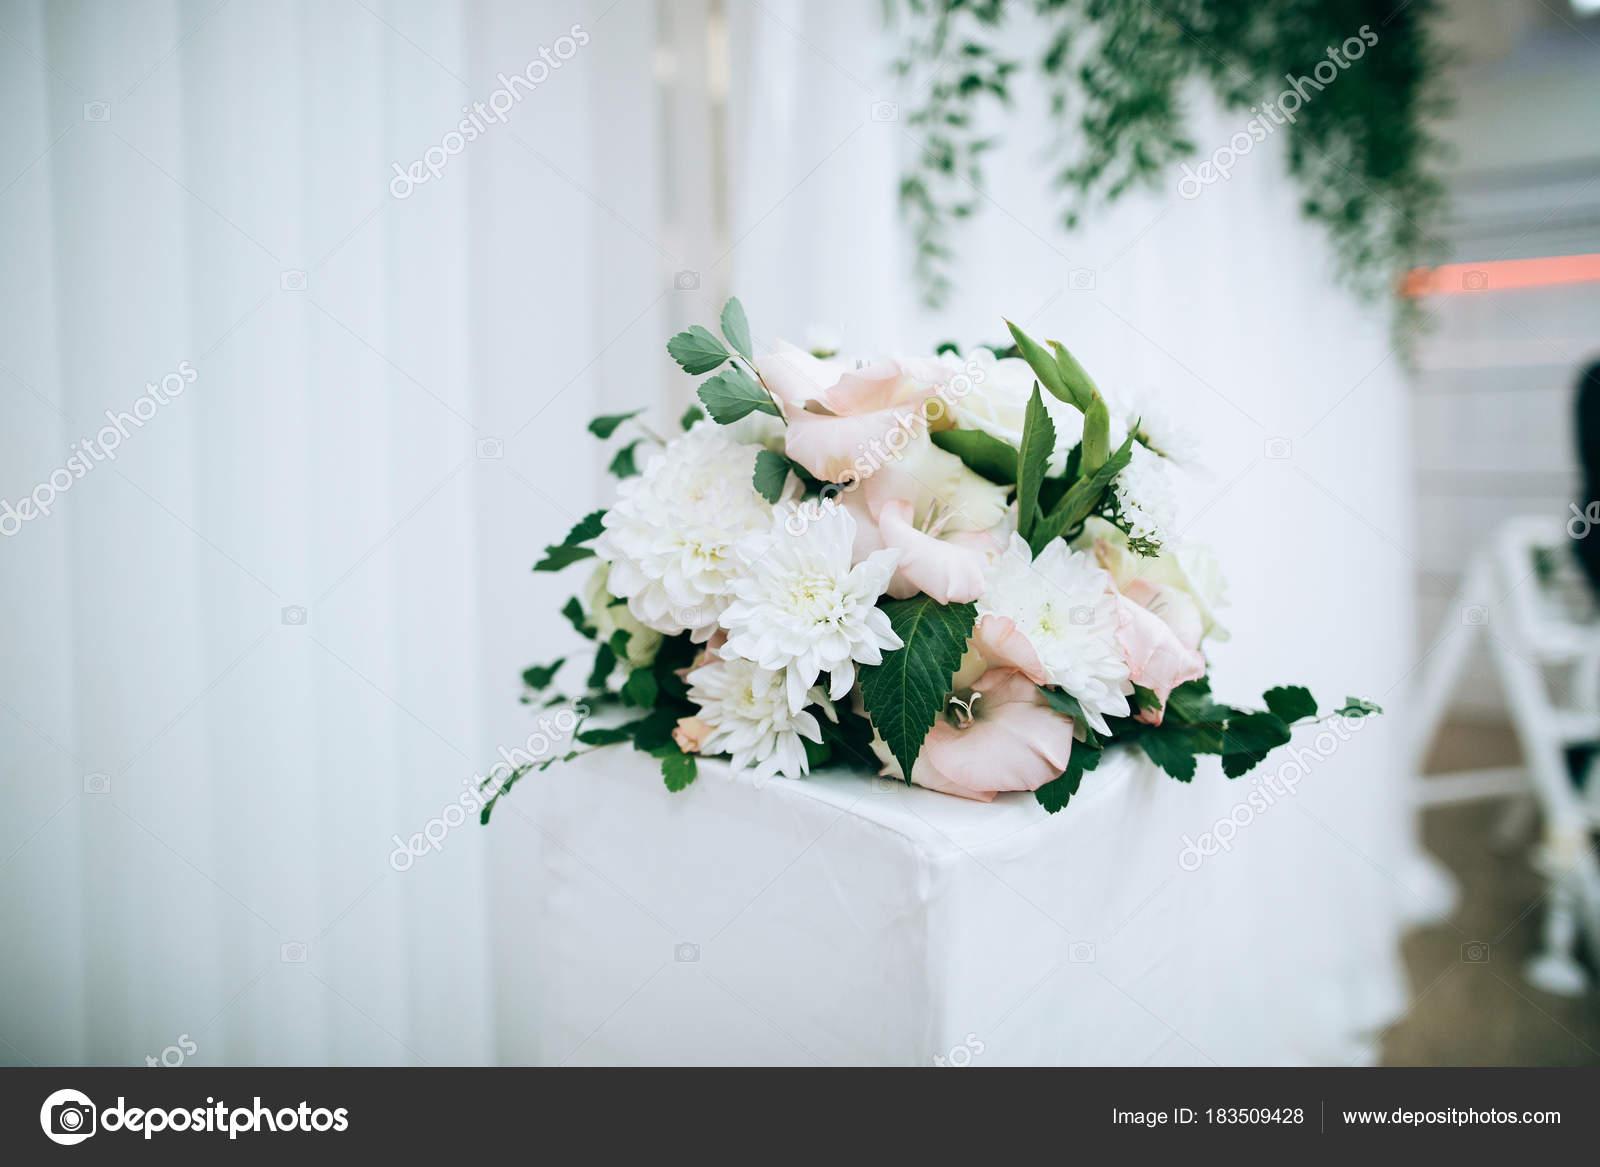 Schone Hochzeitsblumen Dekoration Stockfoto C Beorm 183509428